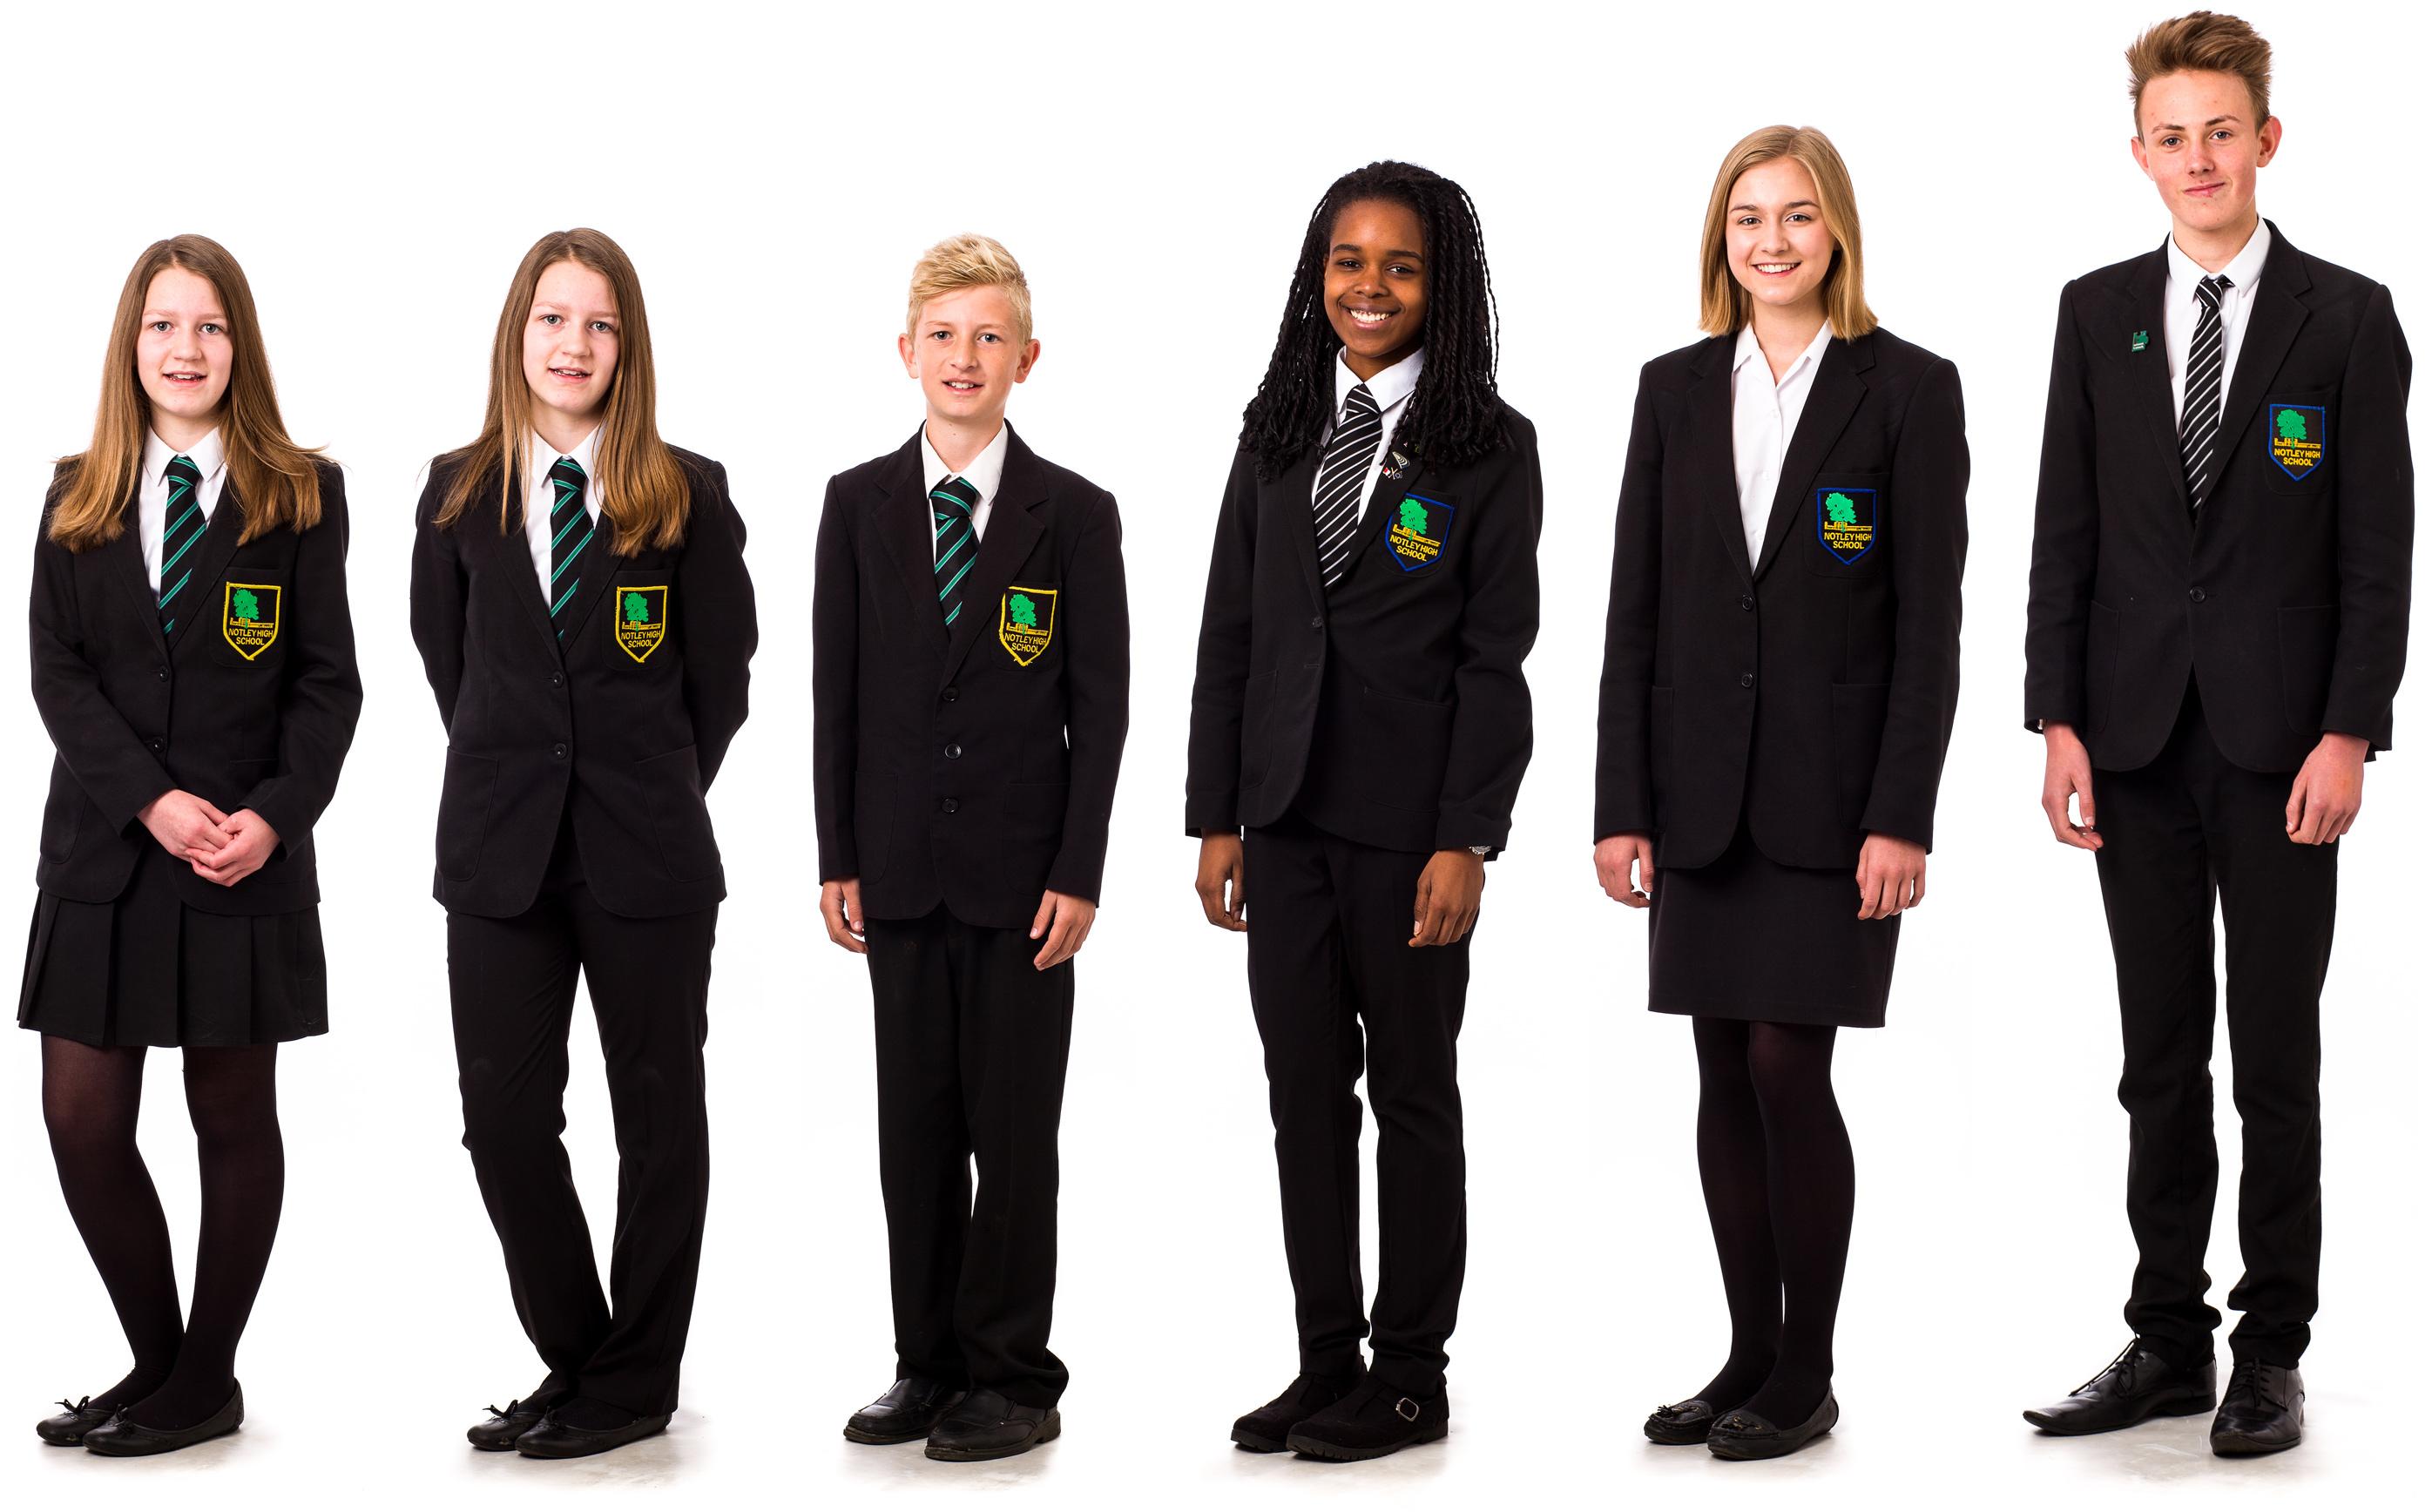 school uniforms policy essay